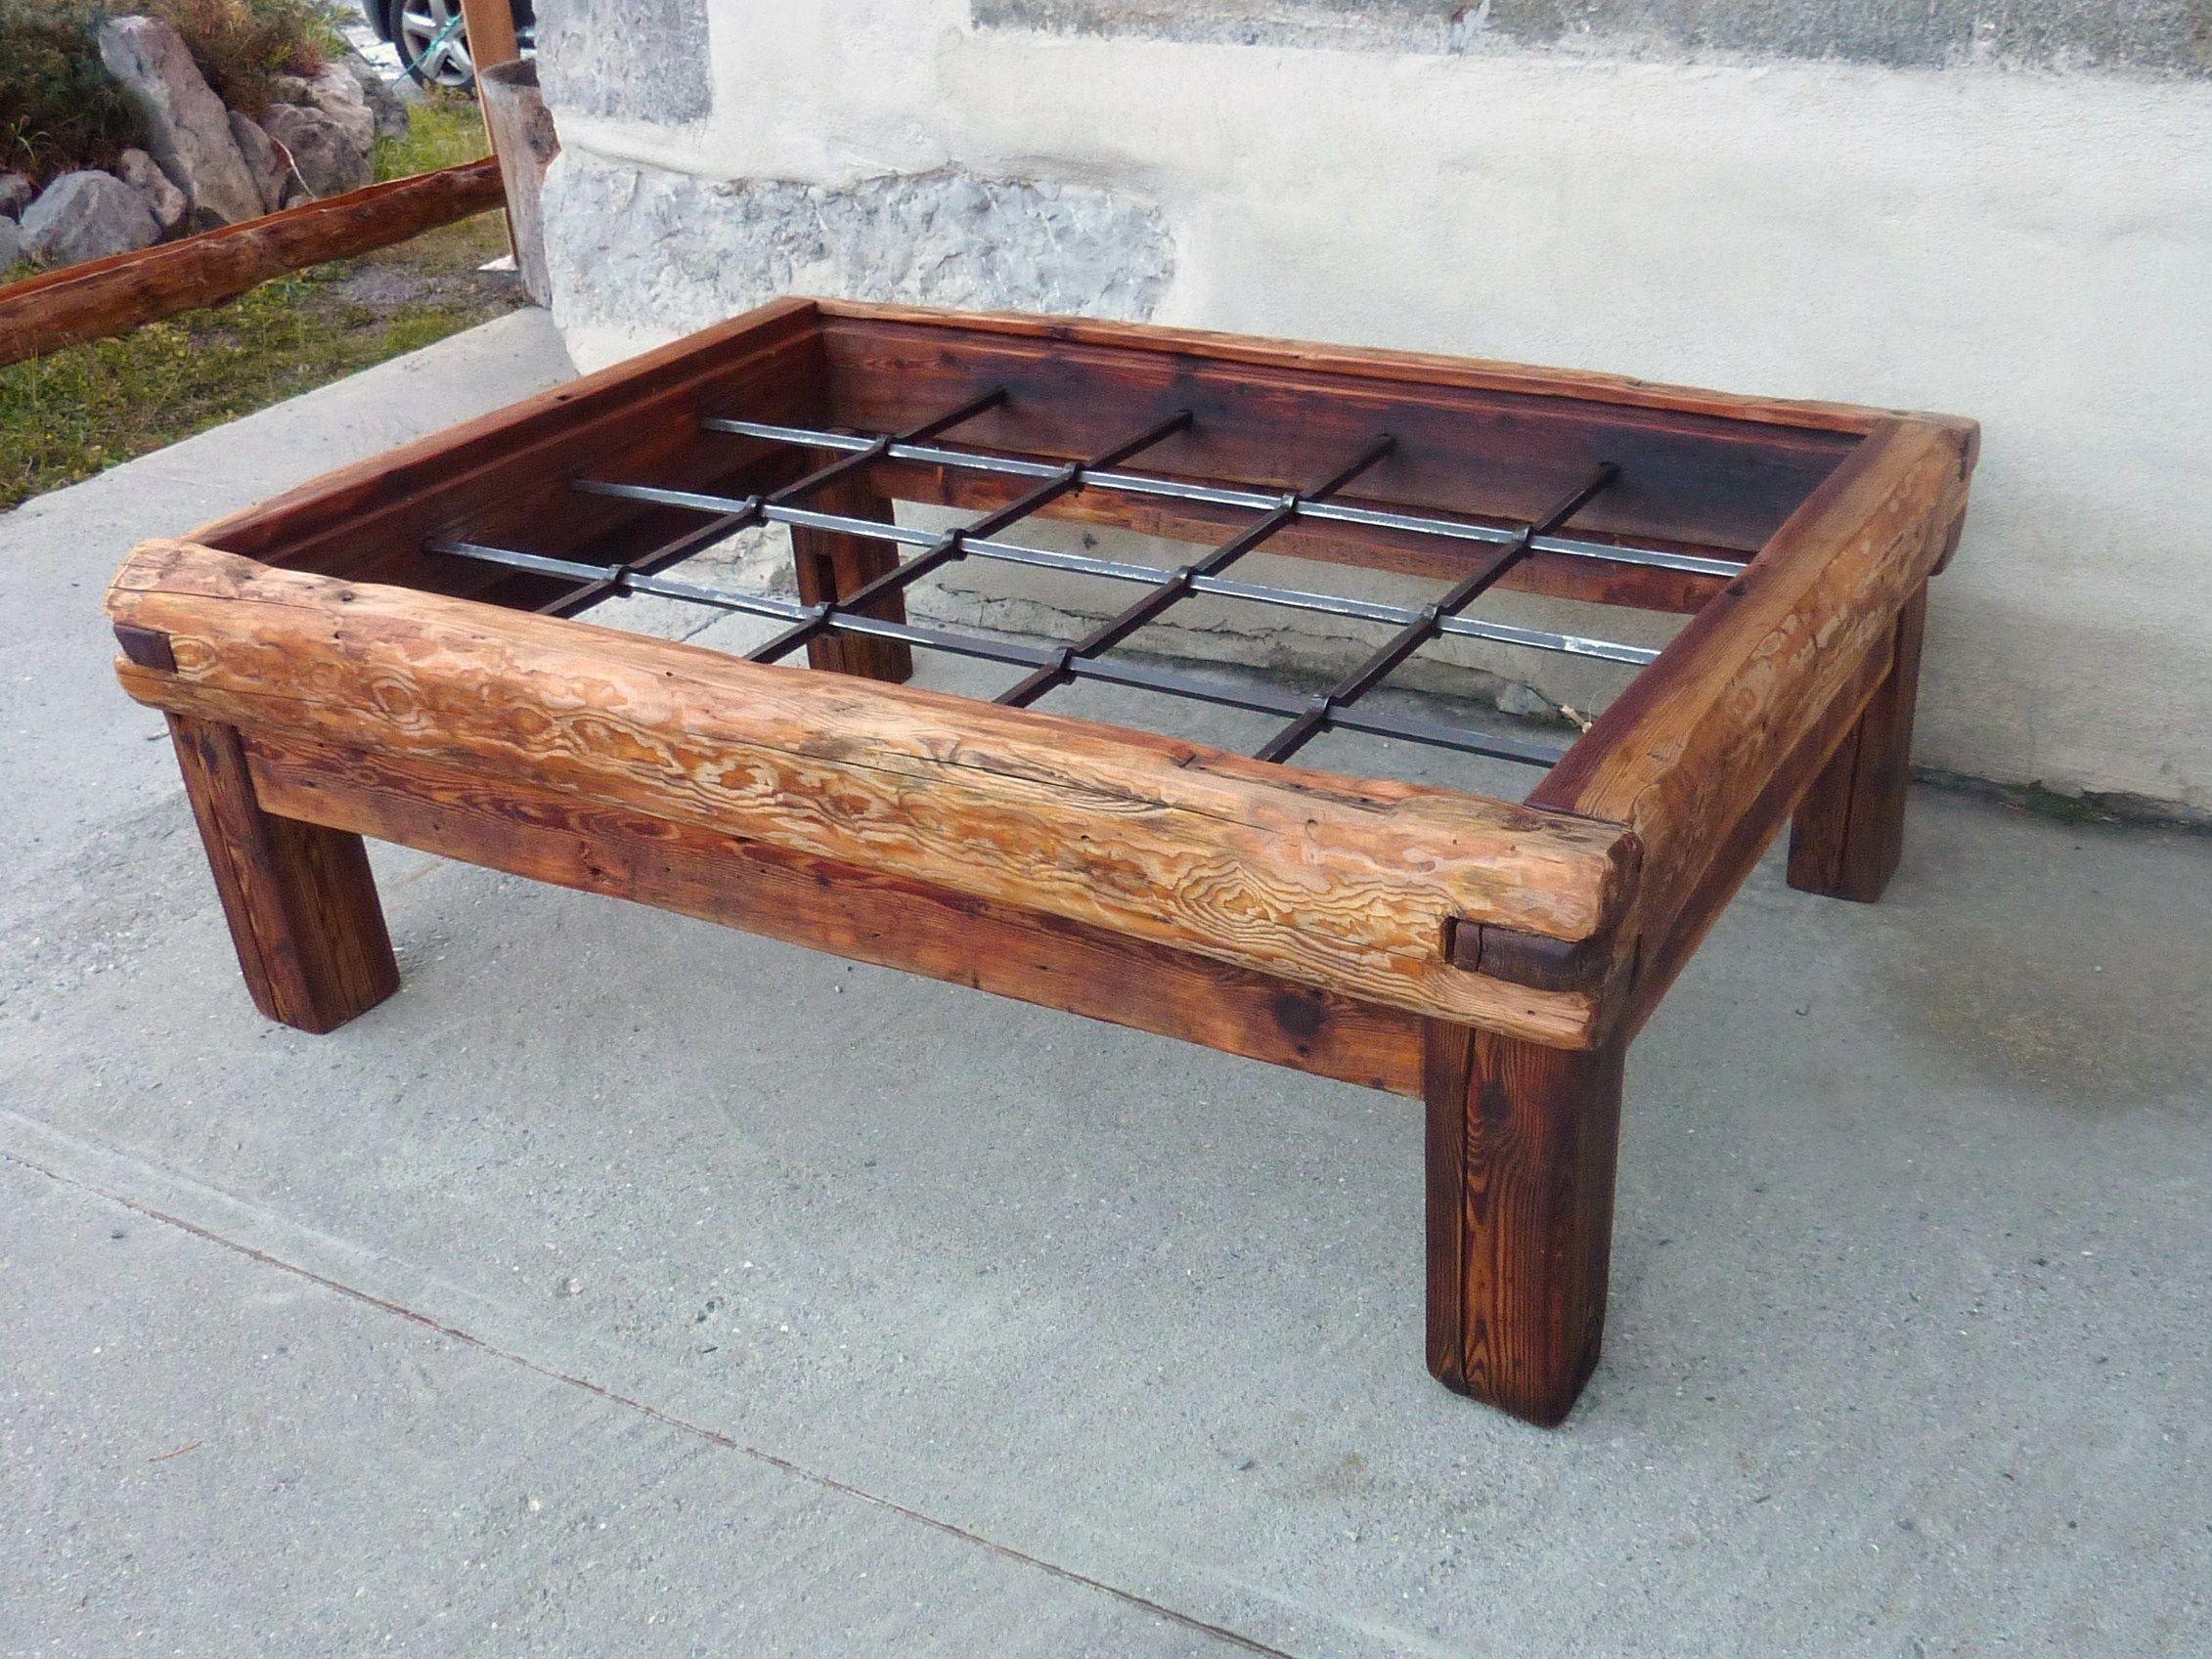 table basse en vieux m l ze et plateau en verre plateau en verre m l ze et table basse. Black Bedroom Furniture Sets. Home Design Ideas